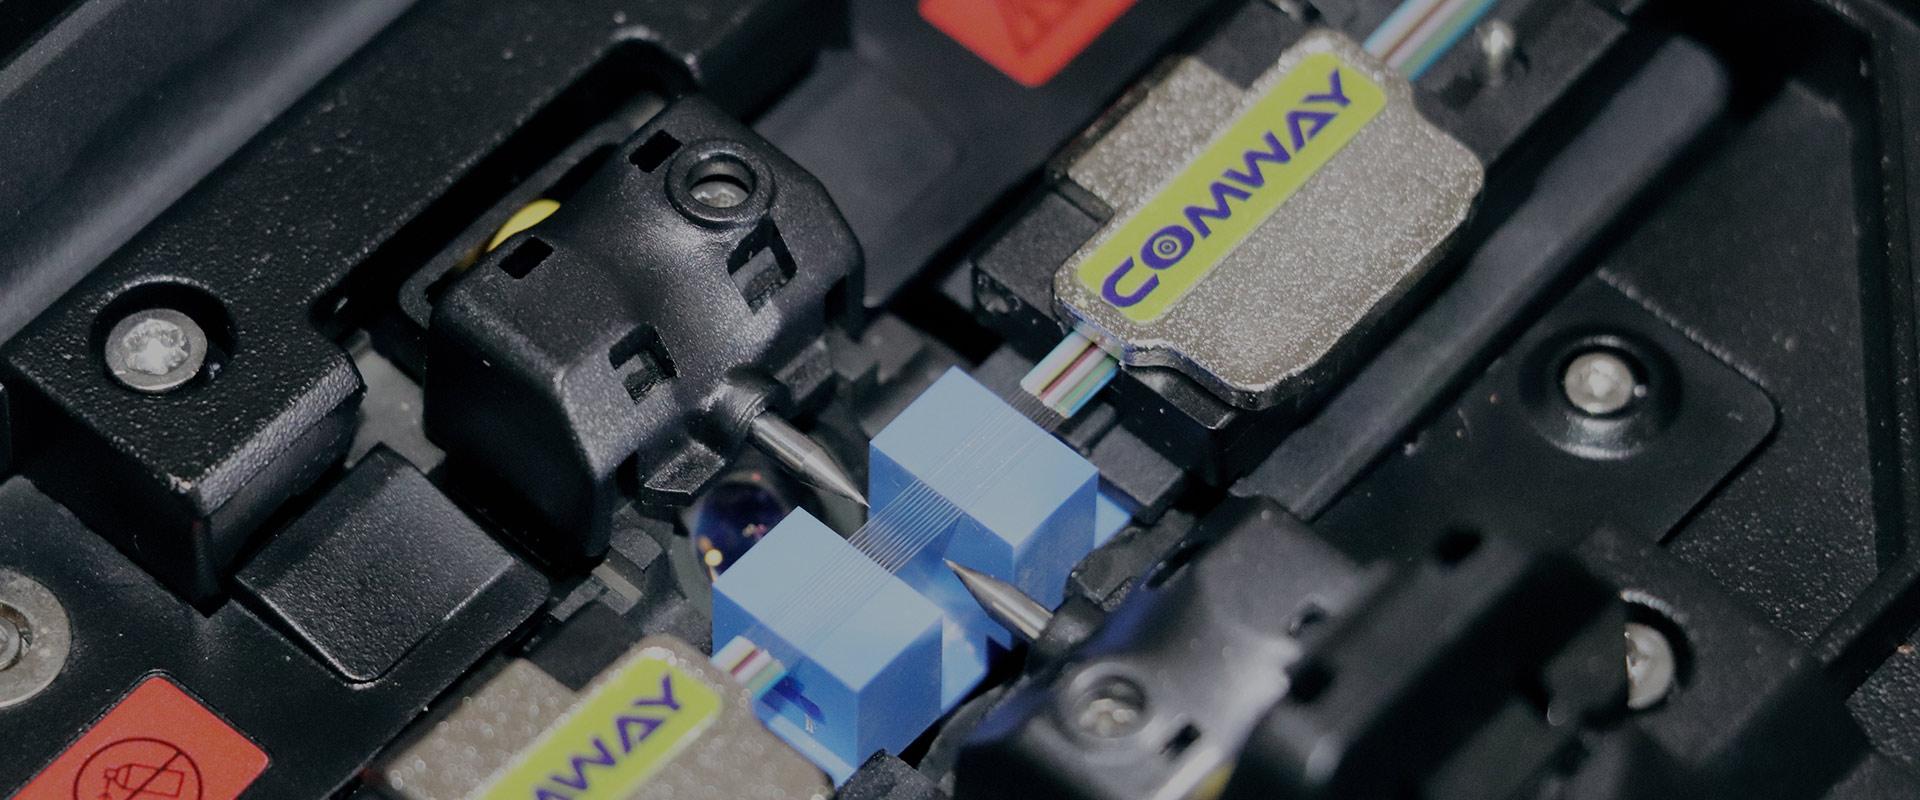 提供光通信仪器及数据通信仪器仪表、特种检测仪表,光纤维护等配件。